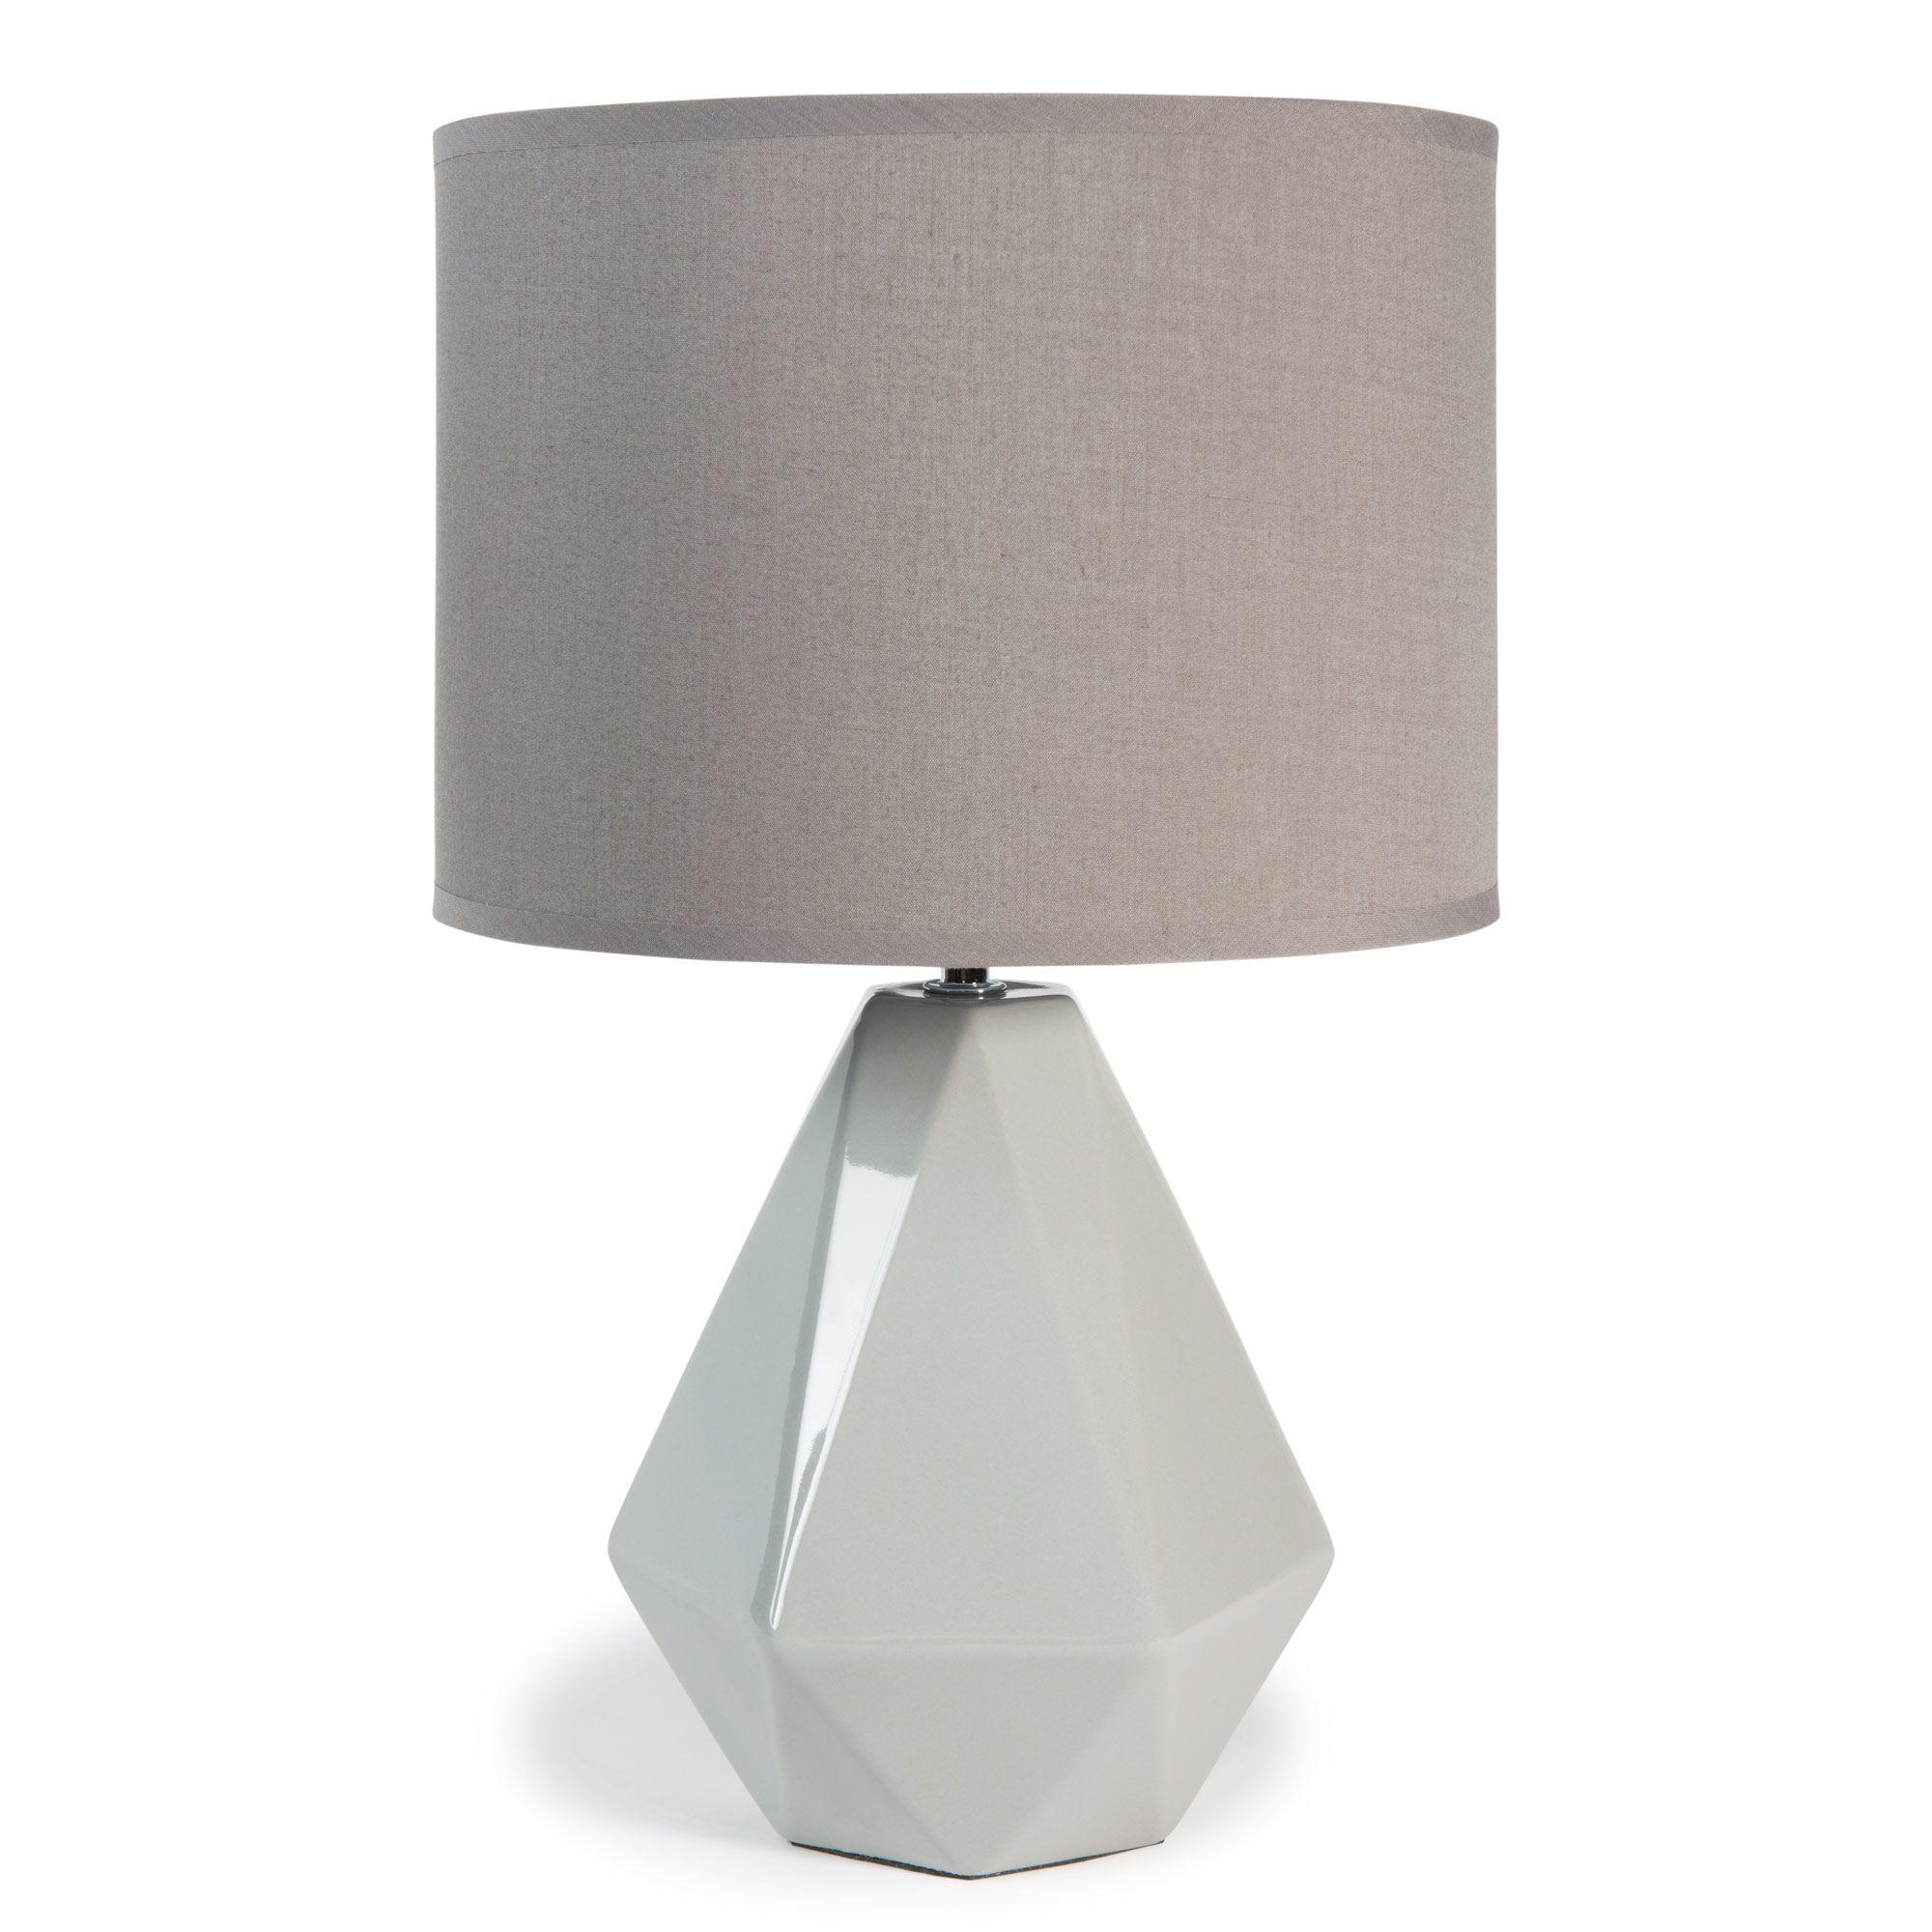 Affordable lampe poser en cramique et tissu grise h cm - Poser du tissu mural ...